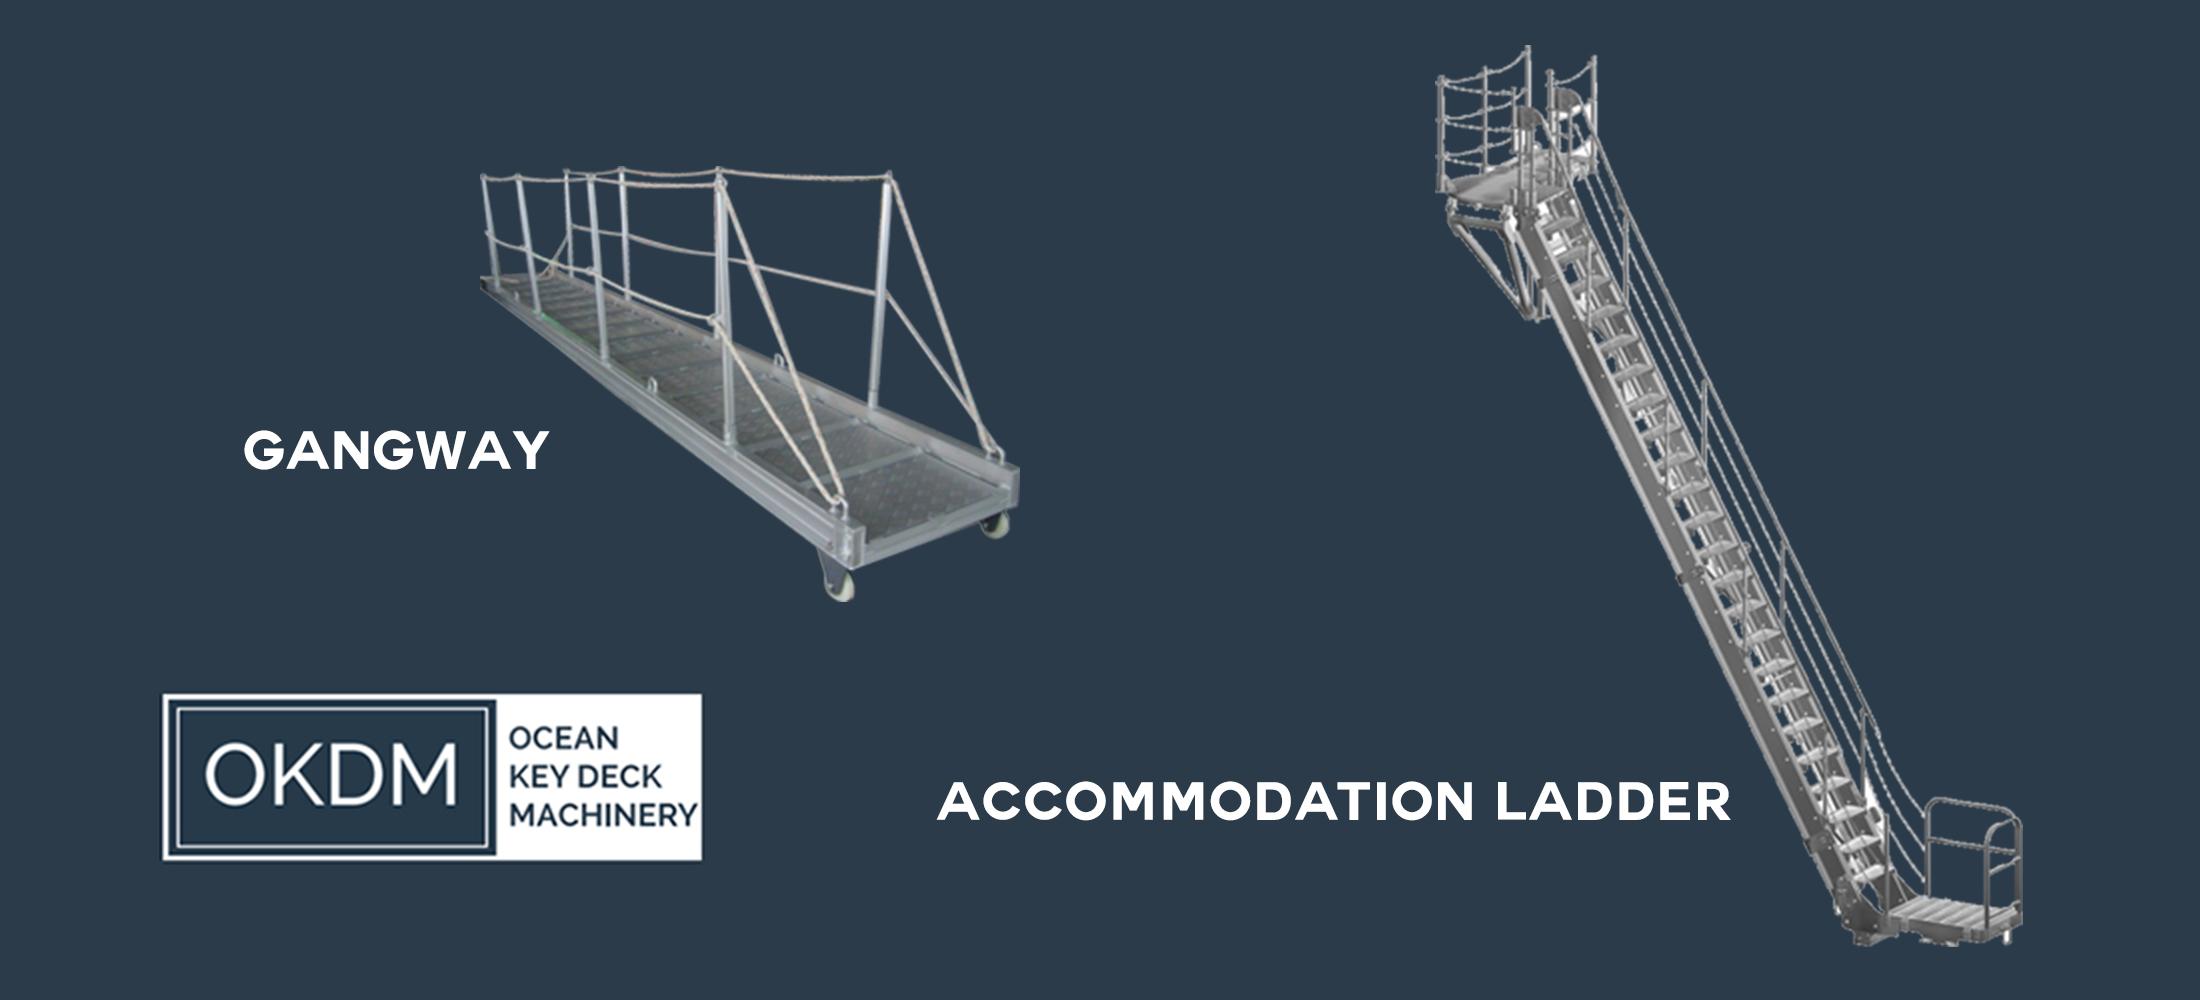 Accommodatıon Ladder & Gangway